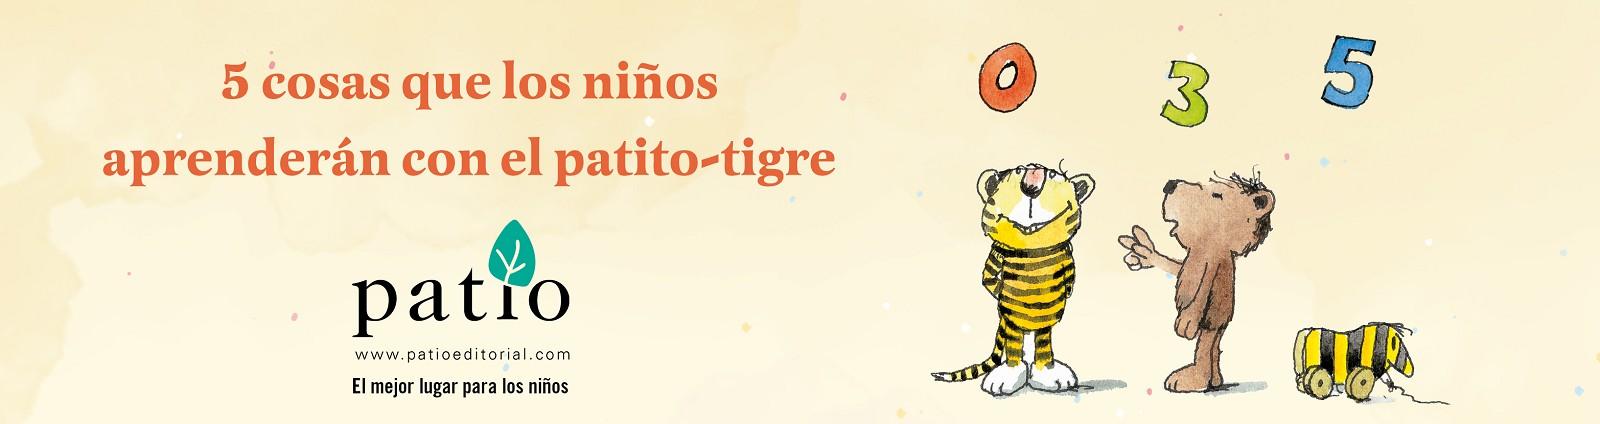 5 cosas que aprenderan con patito-tigre